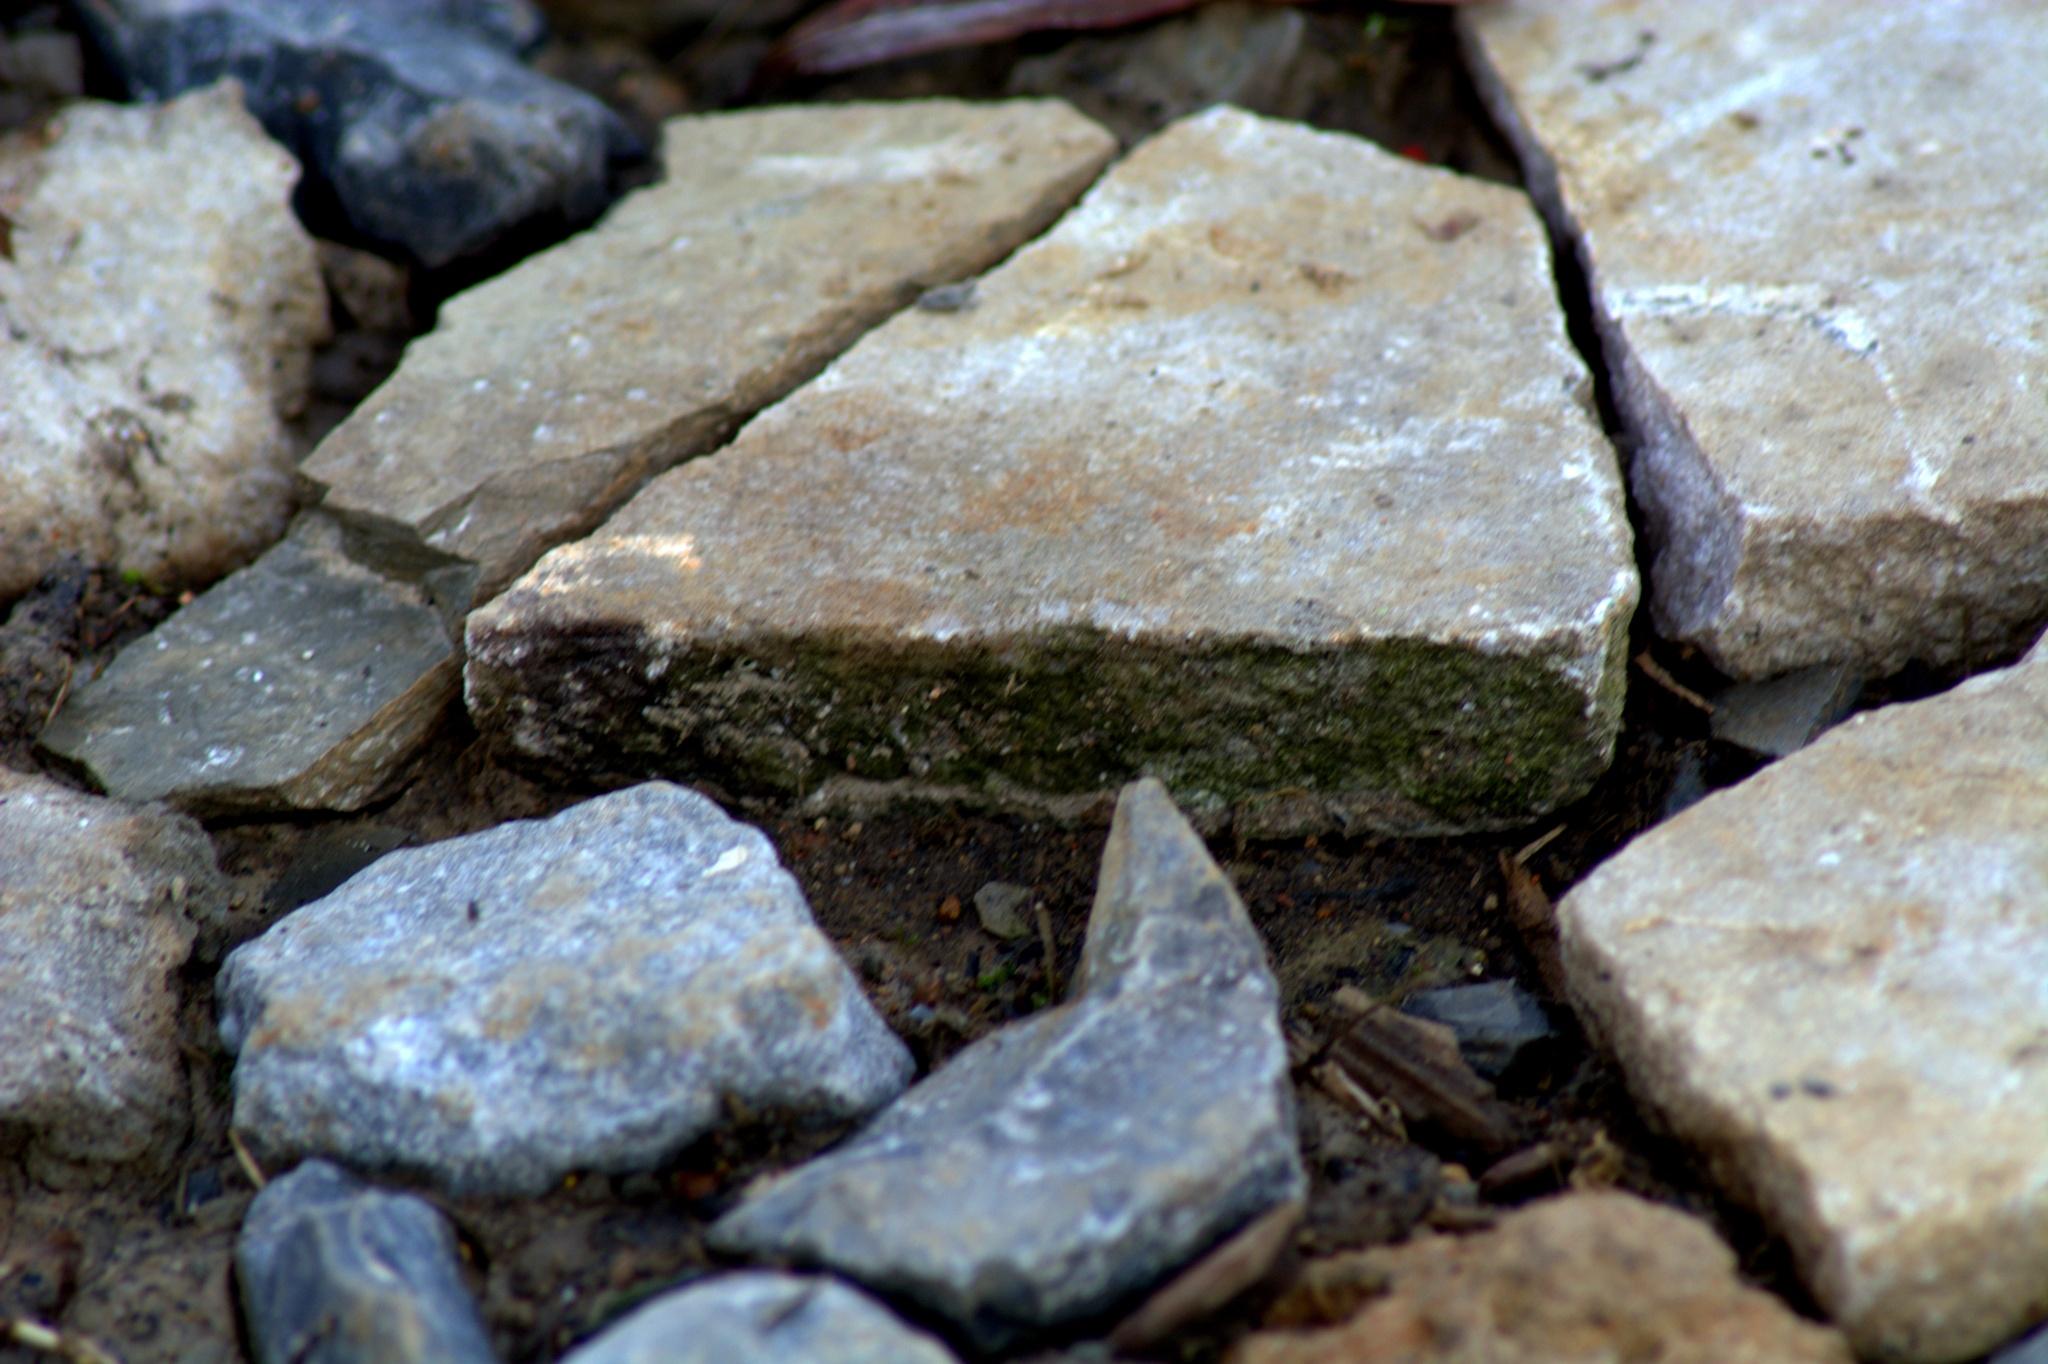 rocks by cadillac.man.